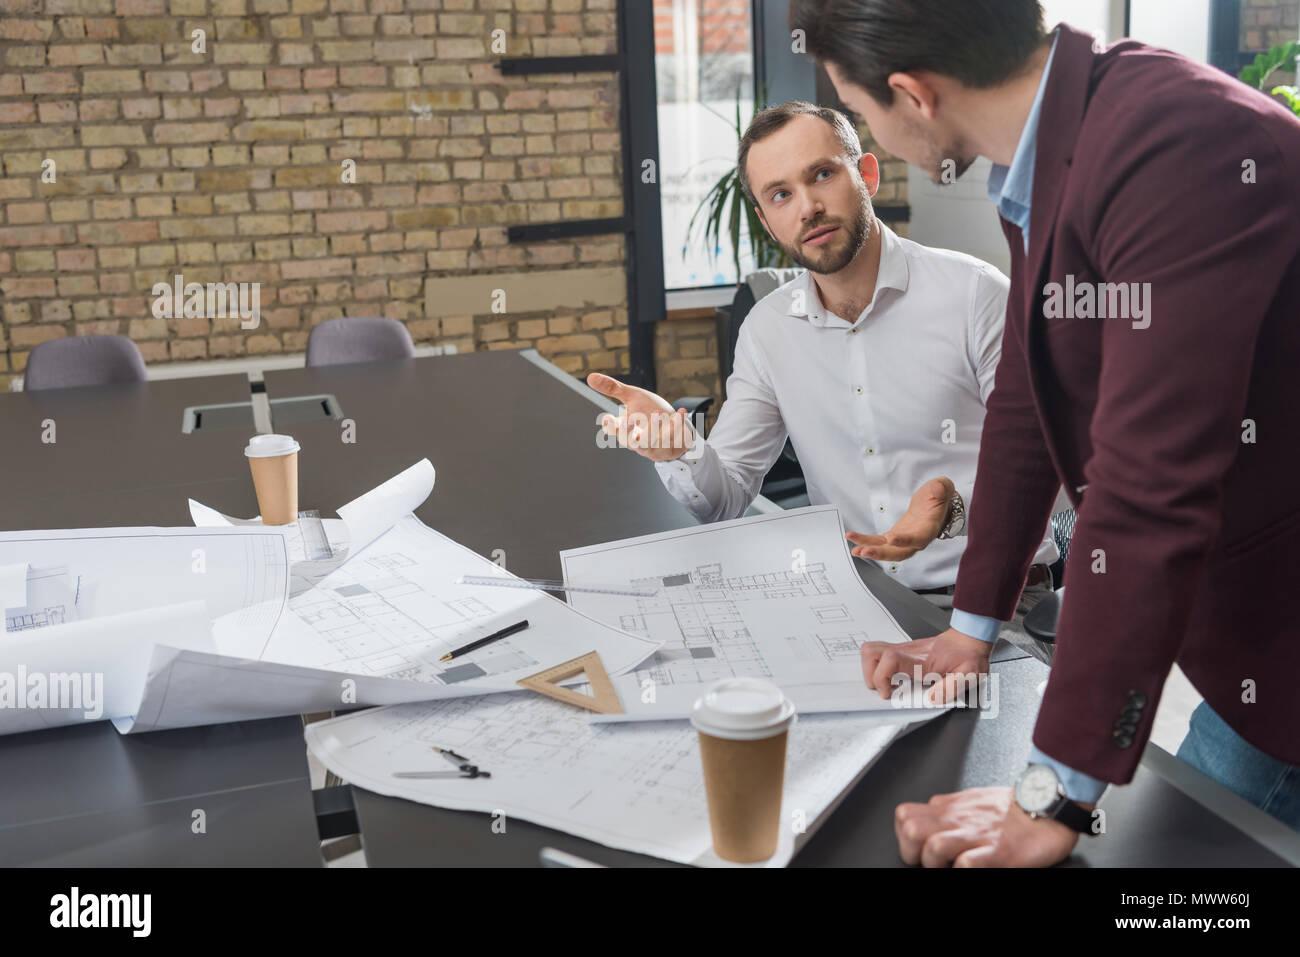 Los arquitectos exitosos planes de construcción más lluvia de ideas en la oficina Foto de stock